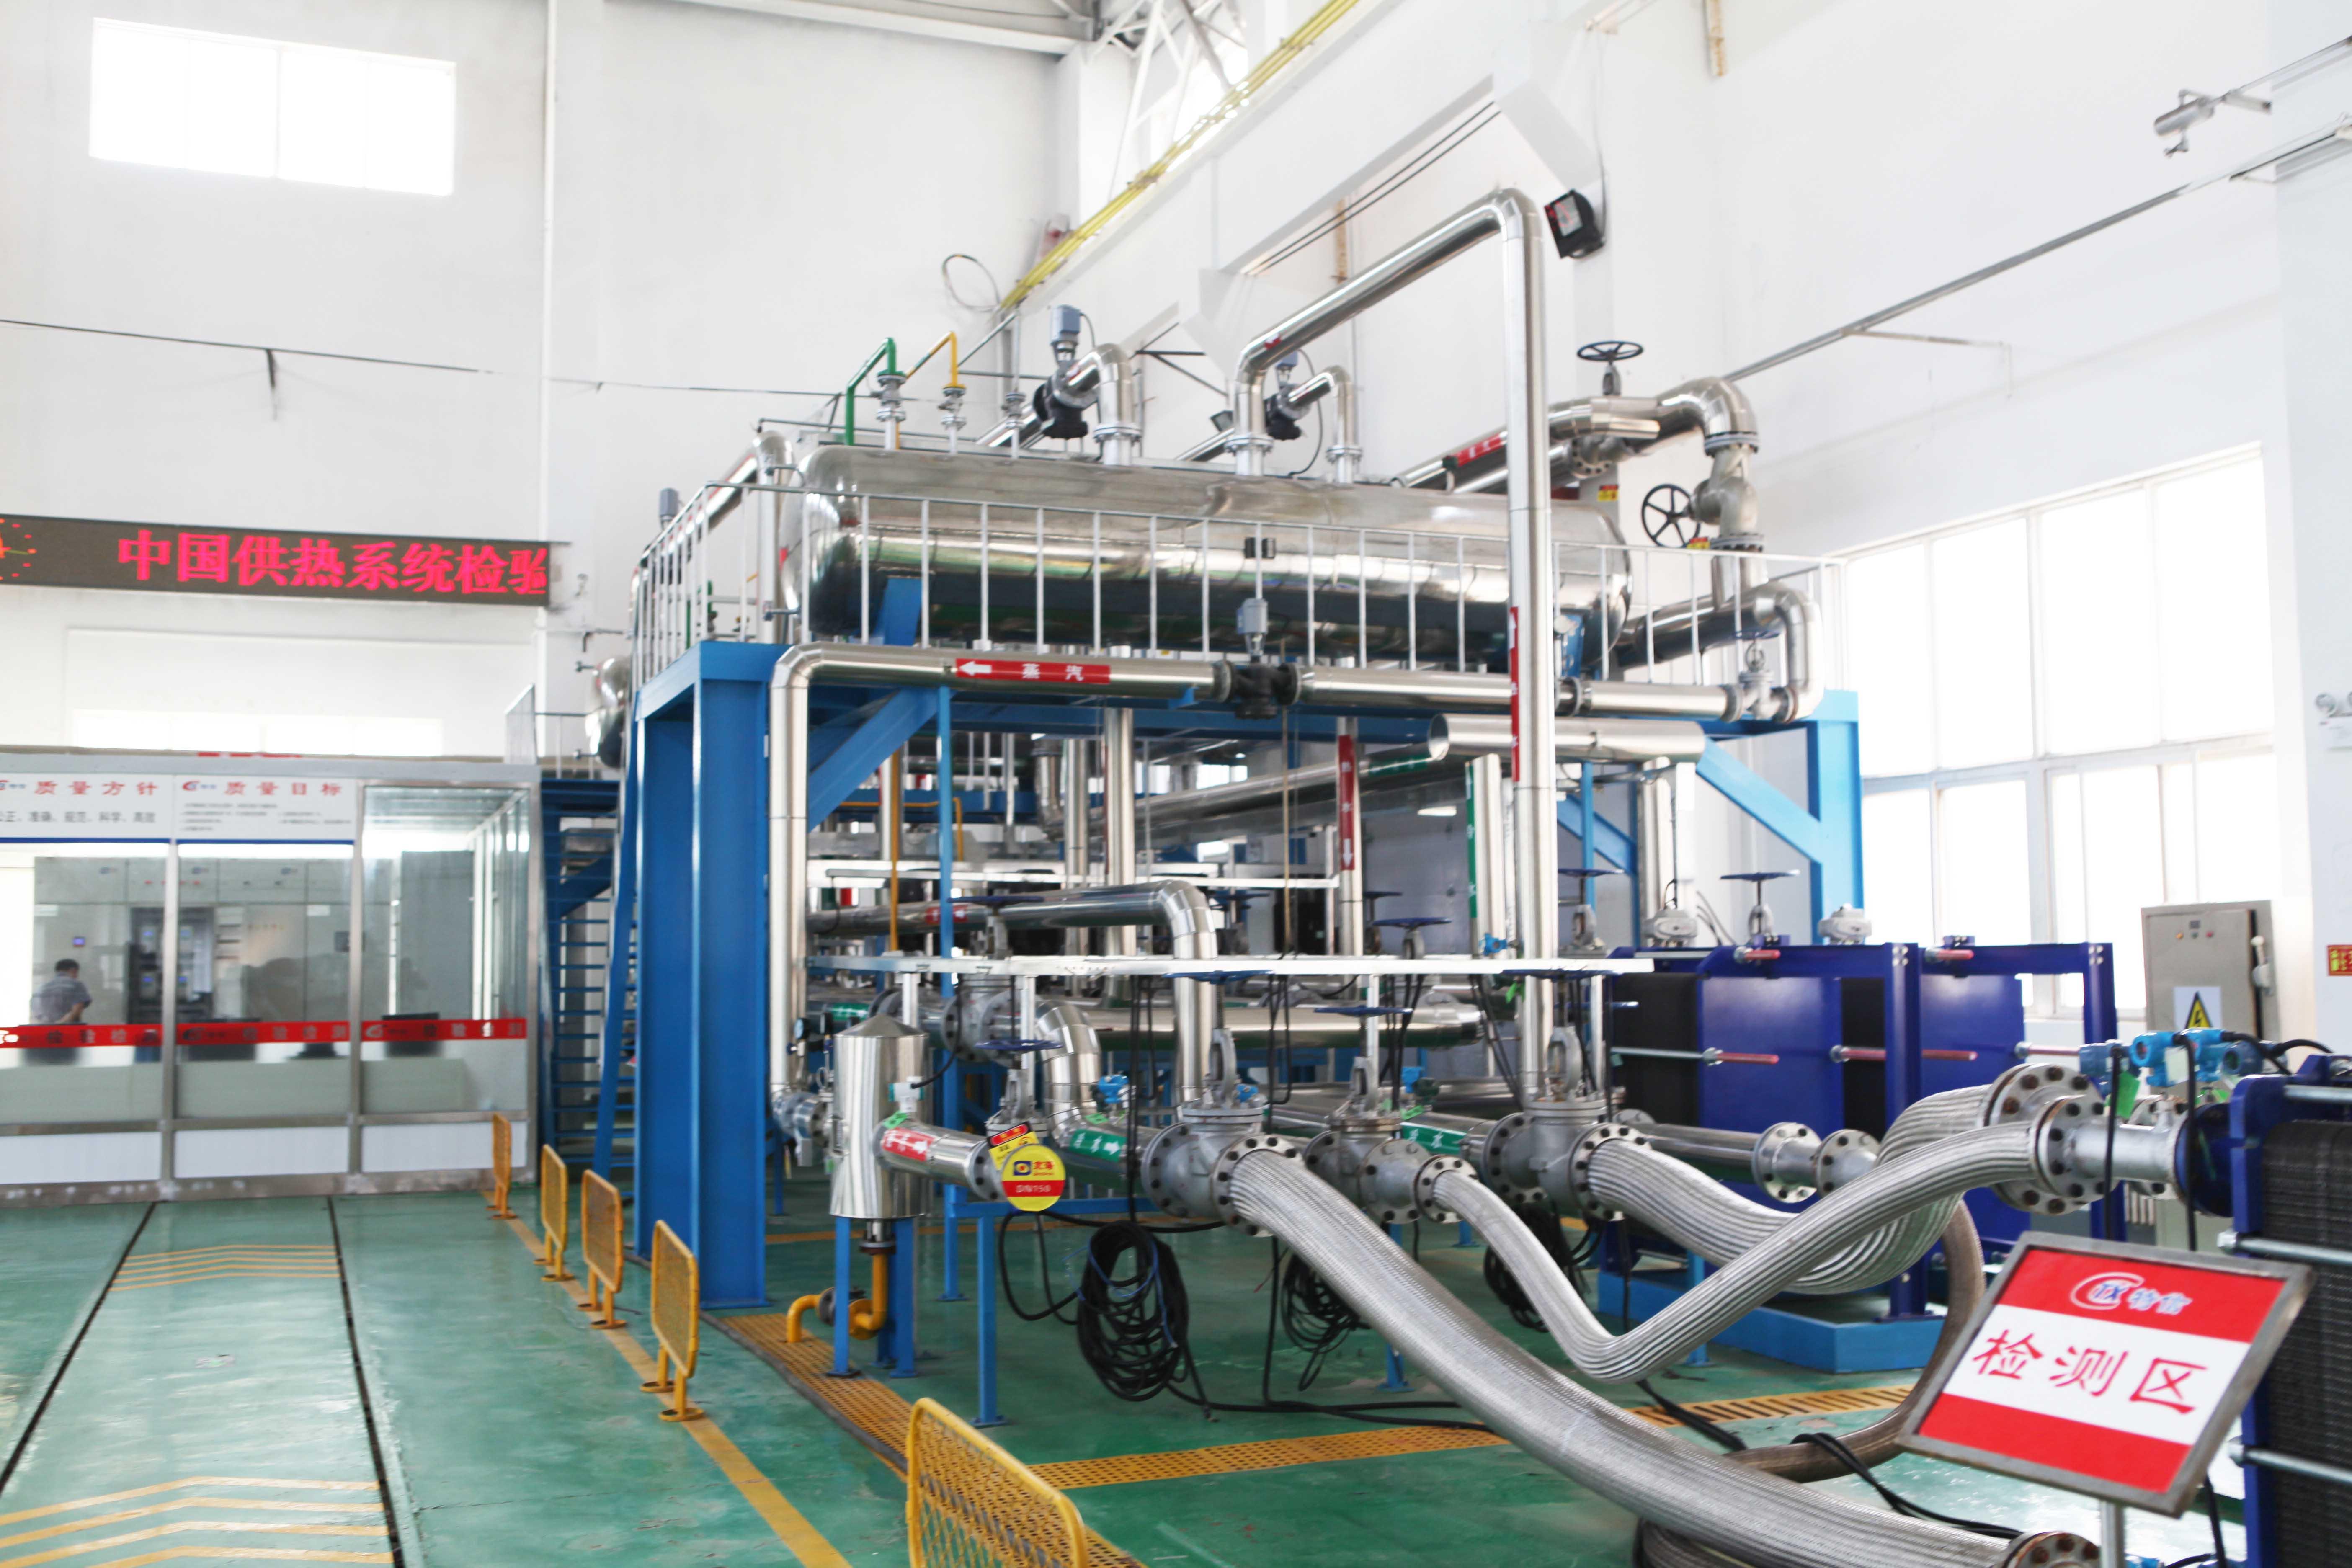 工业锅炉检测的检测项目